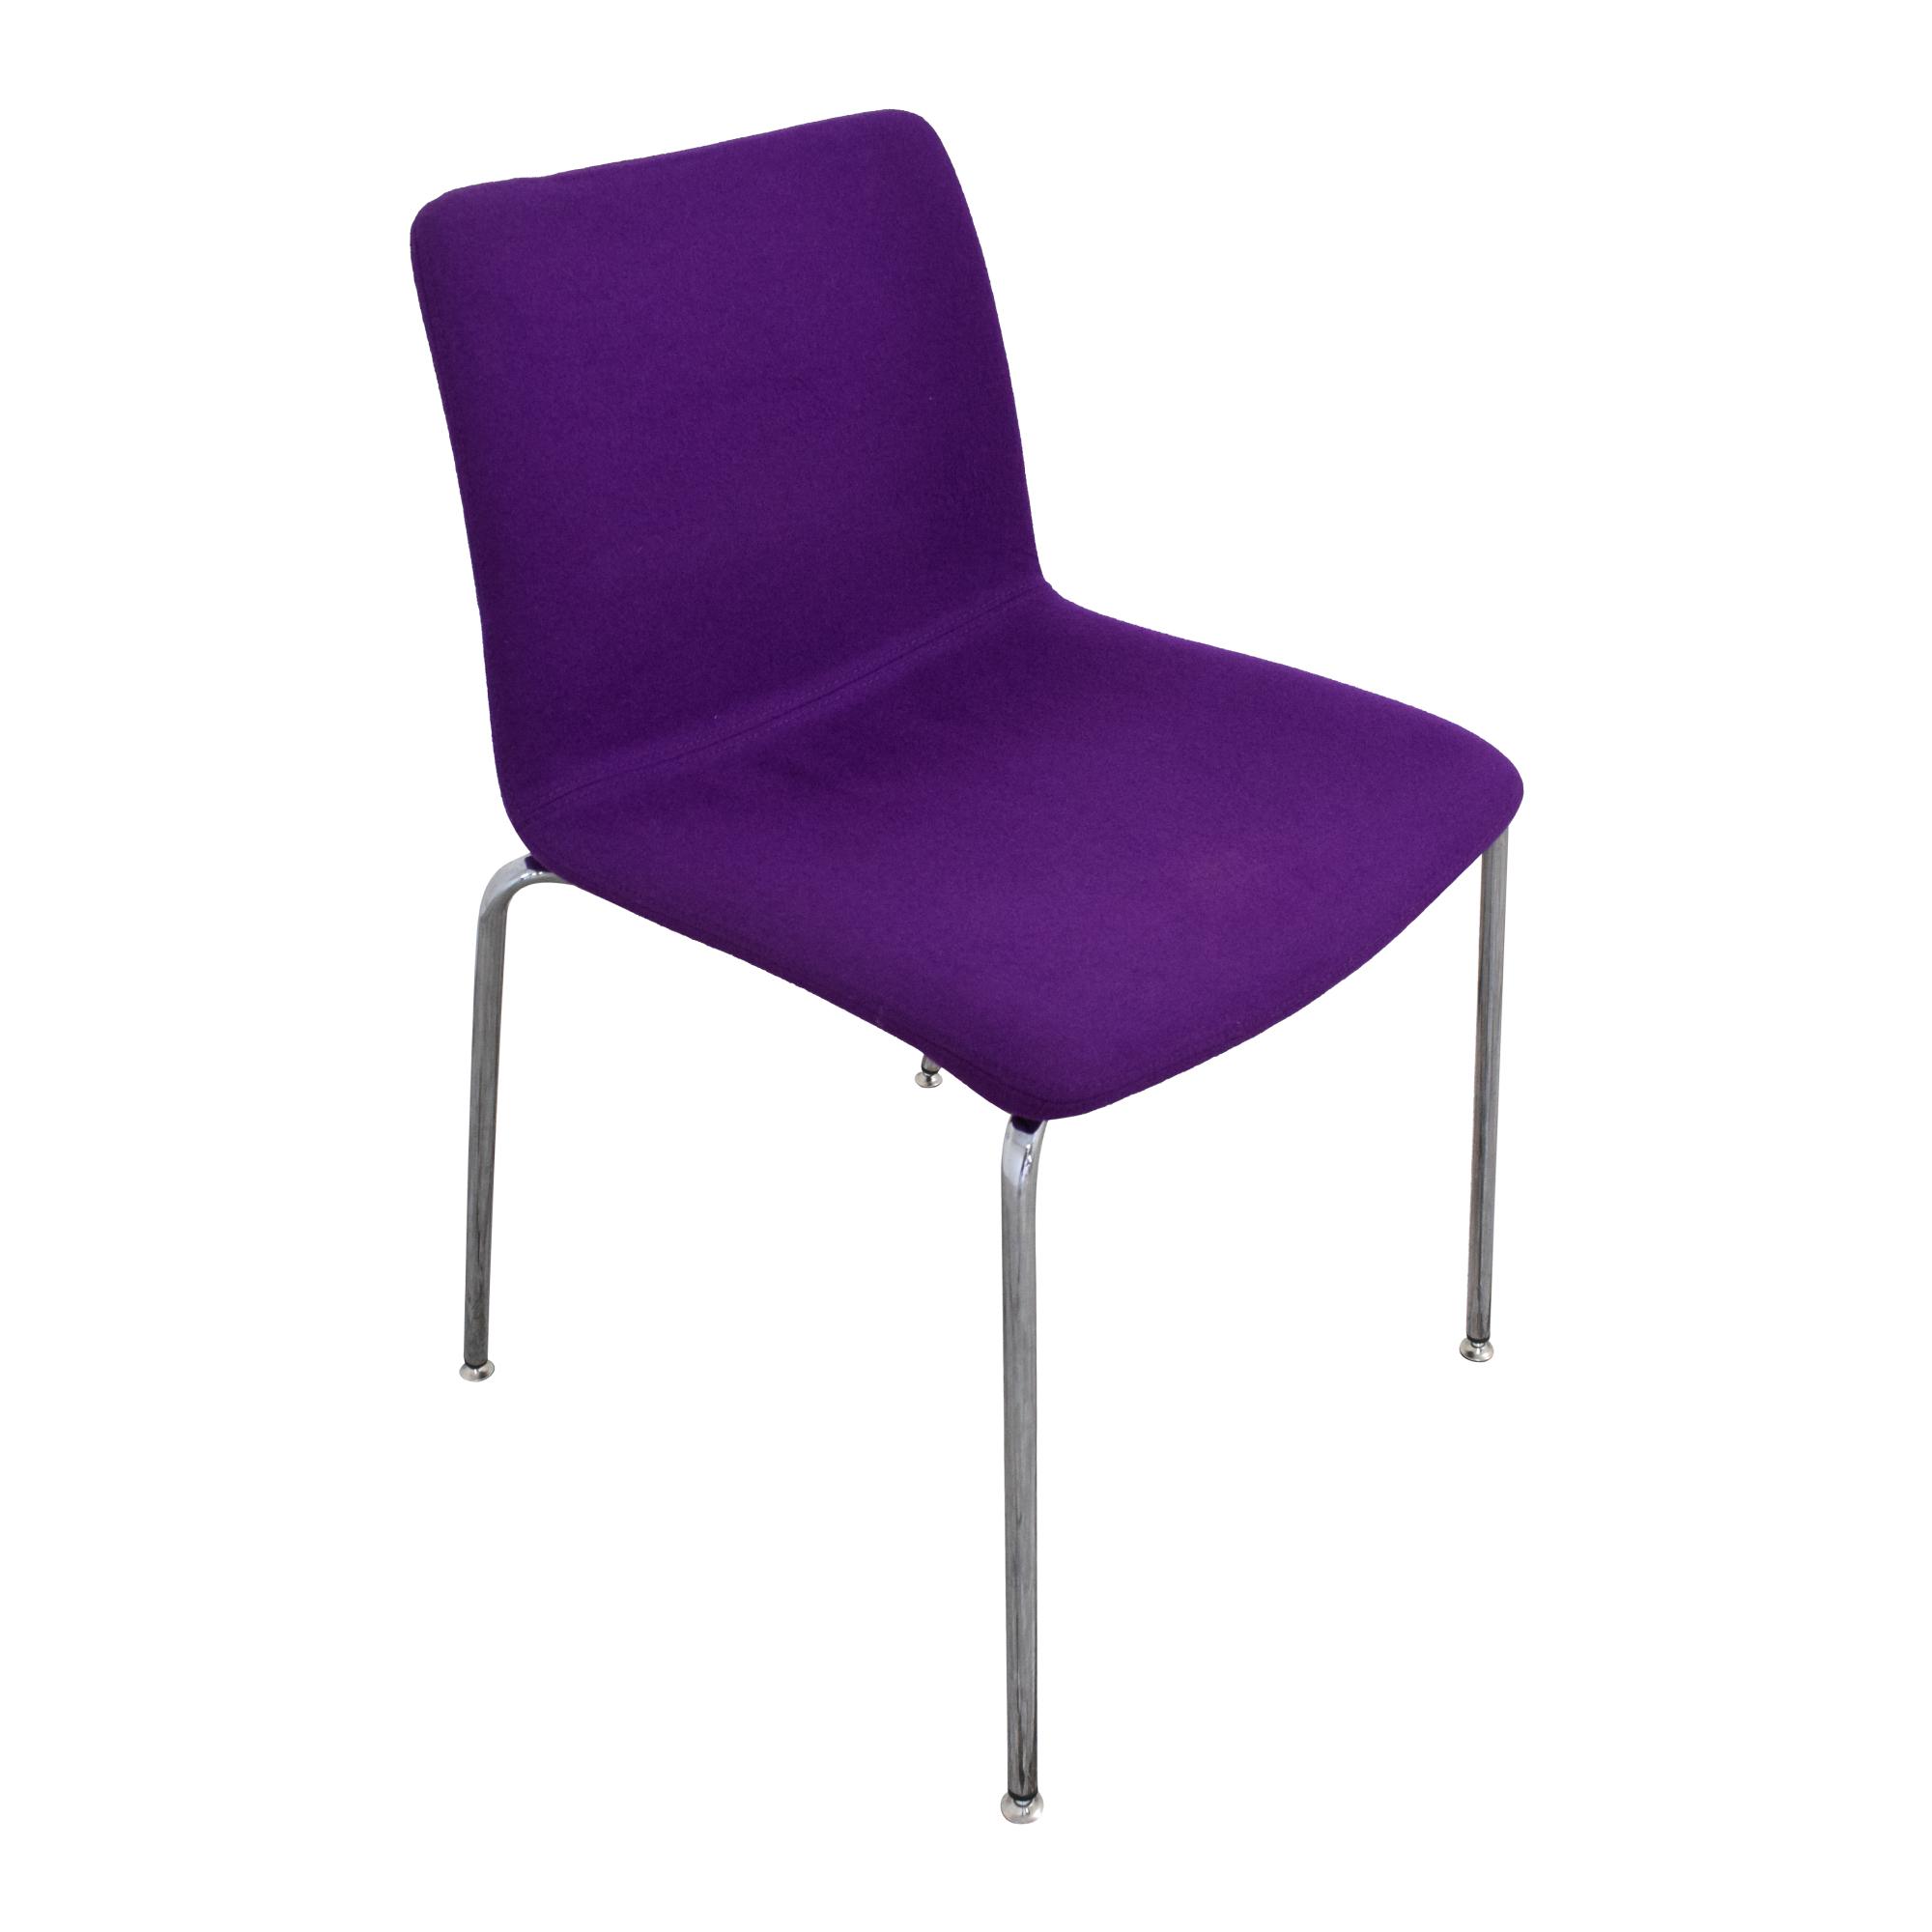 Koleksiyon Koleksiyon Helen Armless Chair